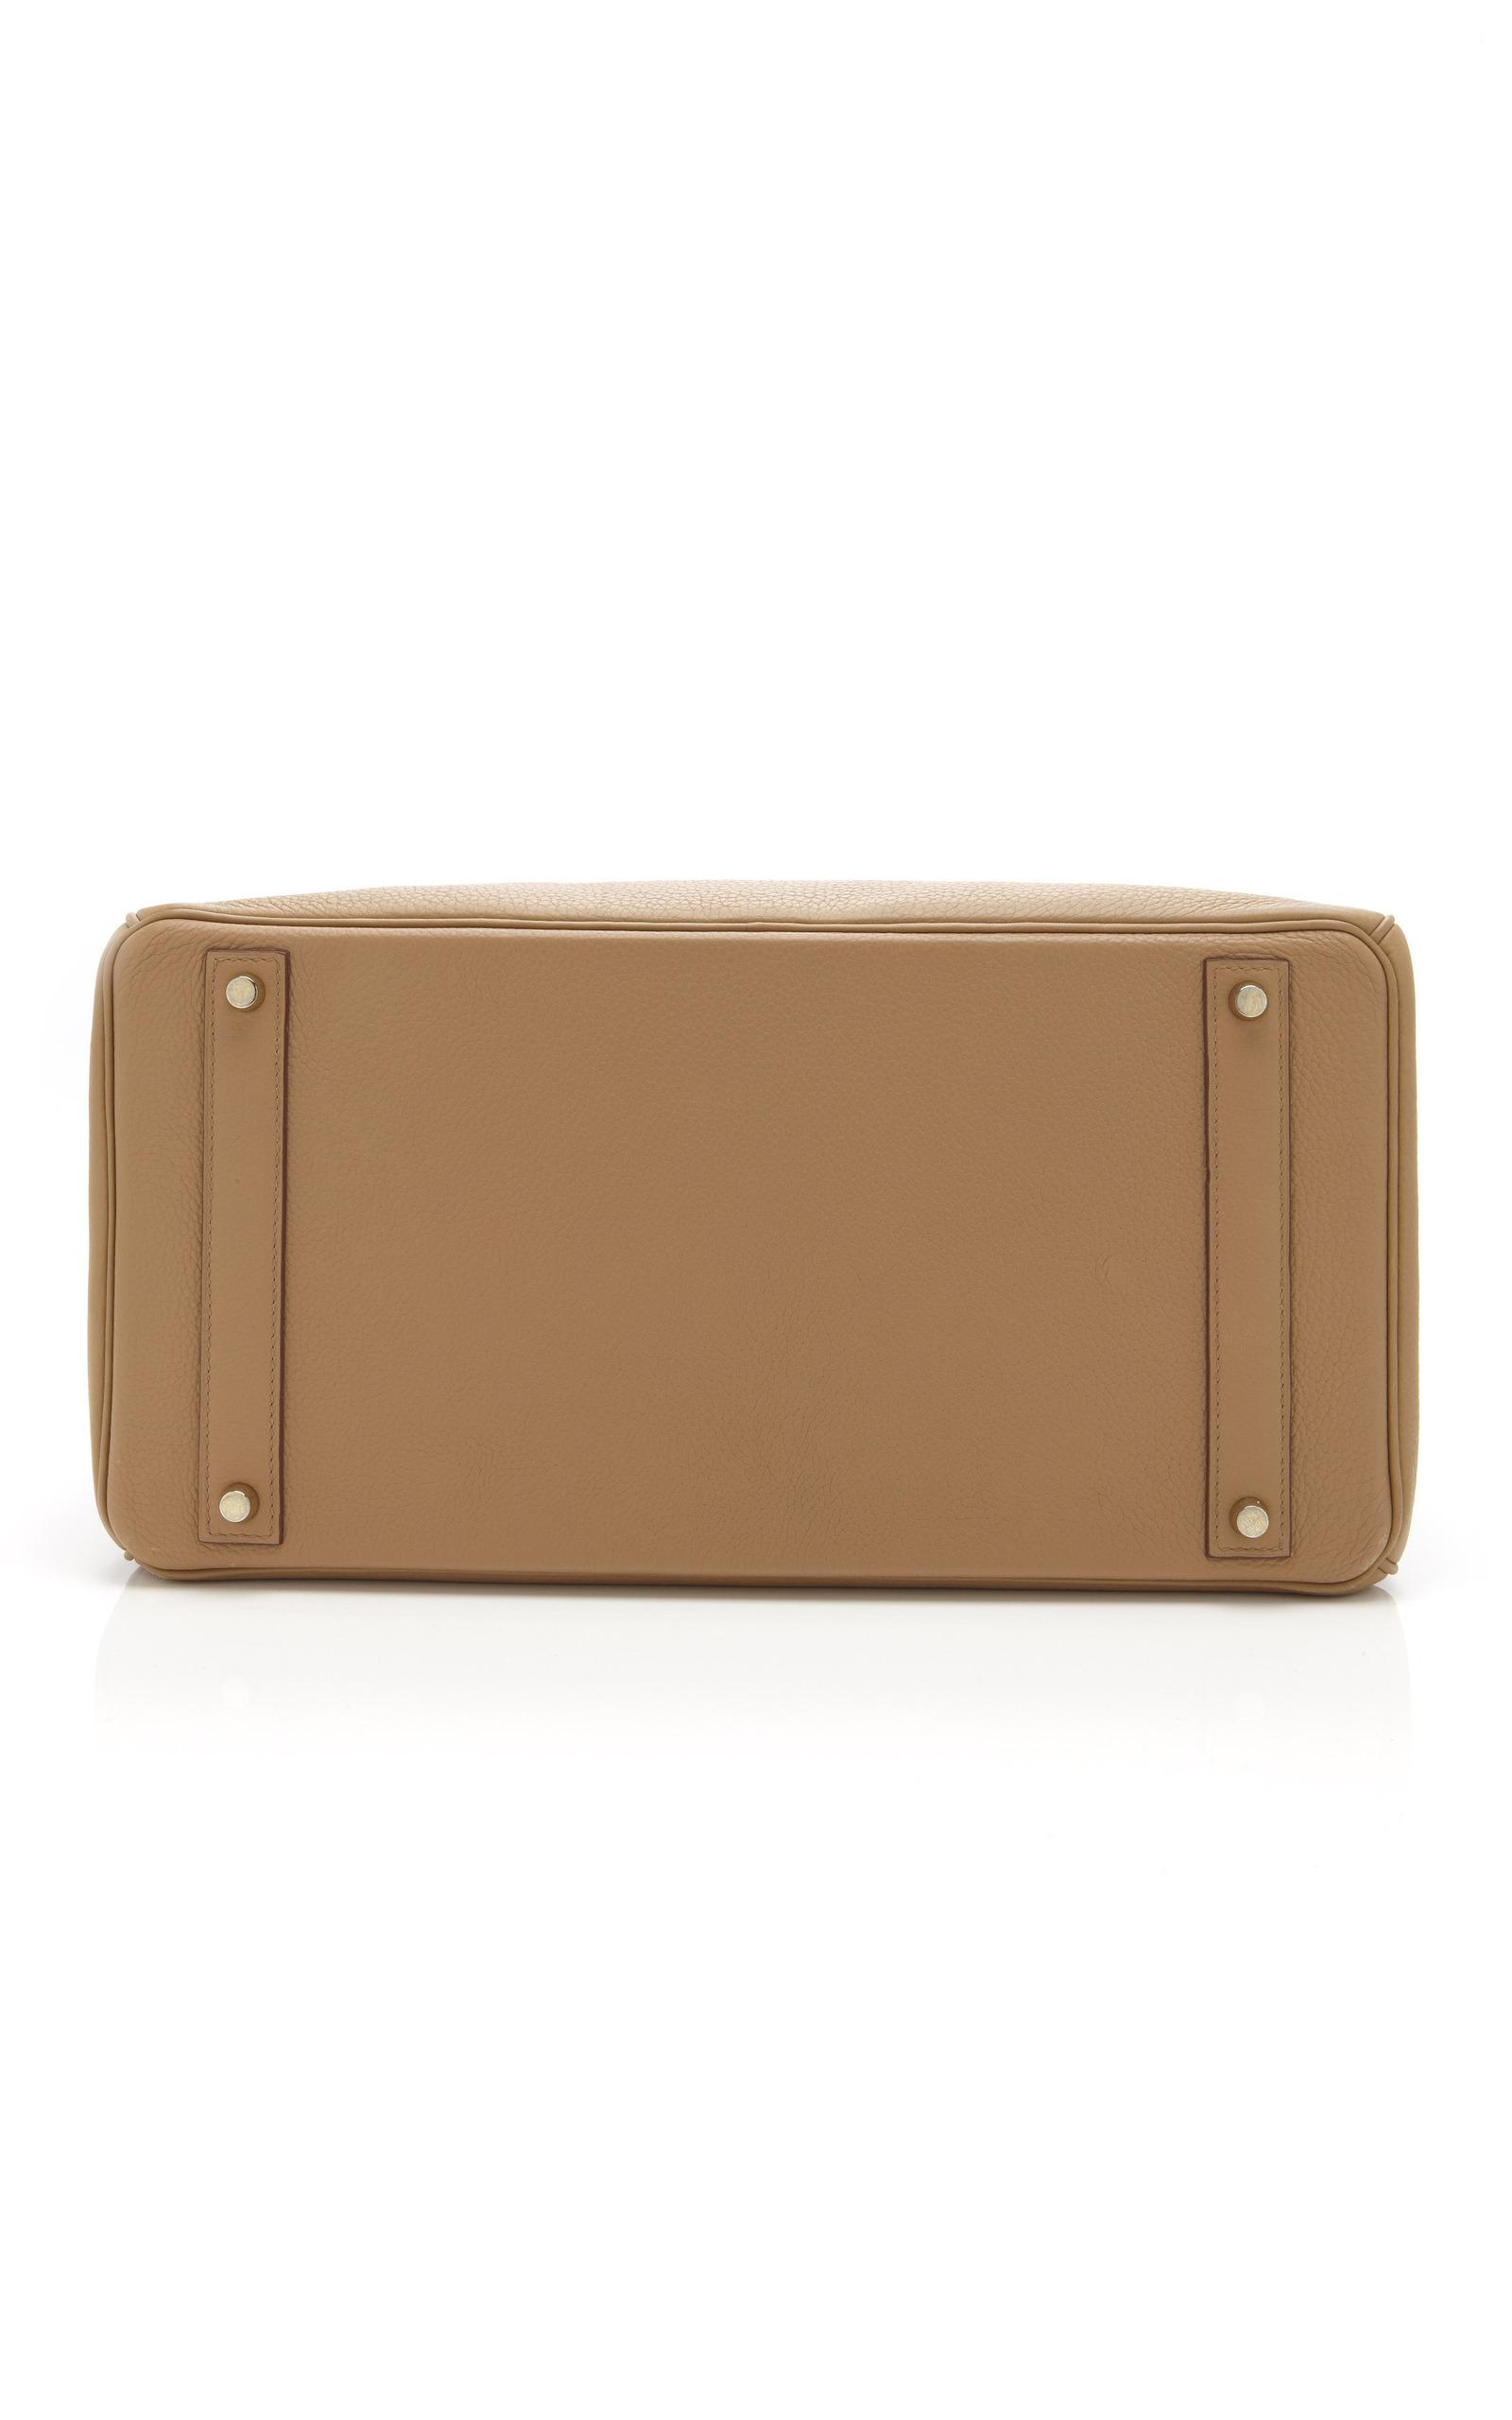 11b9ccc086 Hermes Vintage40cm Tabac Camel Clemence Leather Birkin. CLOSE. Loading.  Loading. Loading. Loading